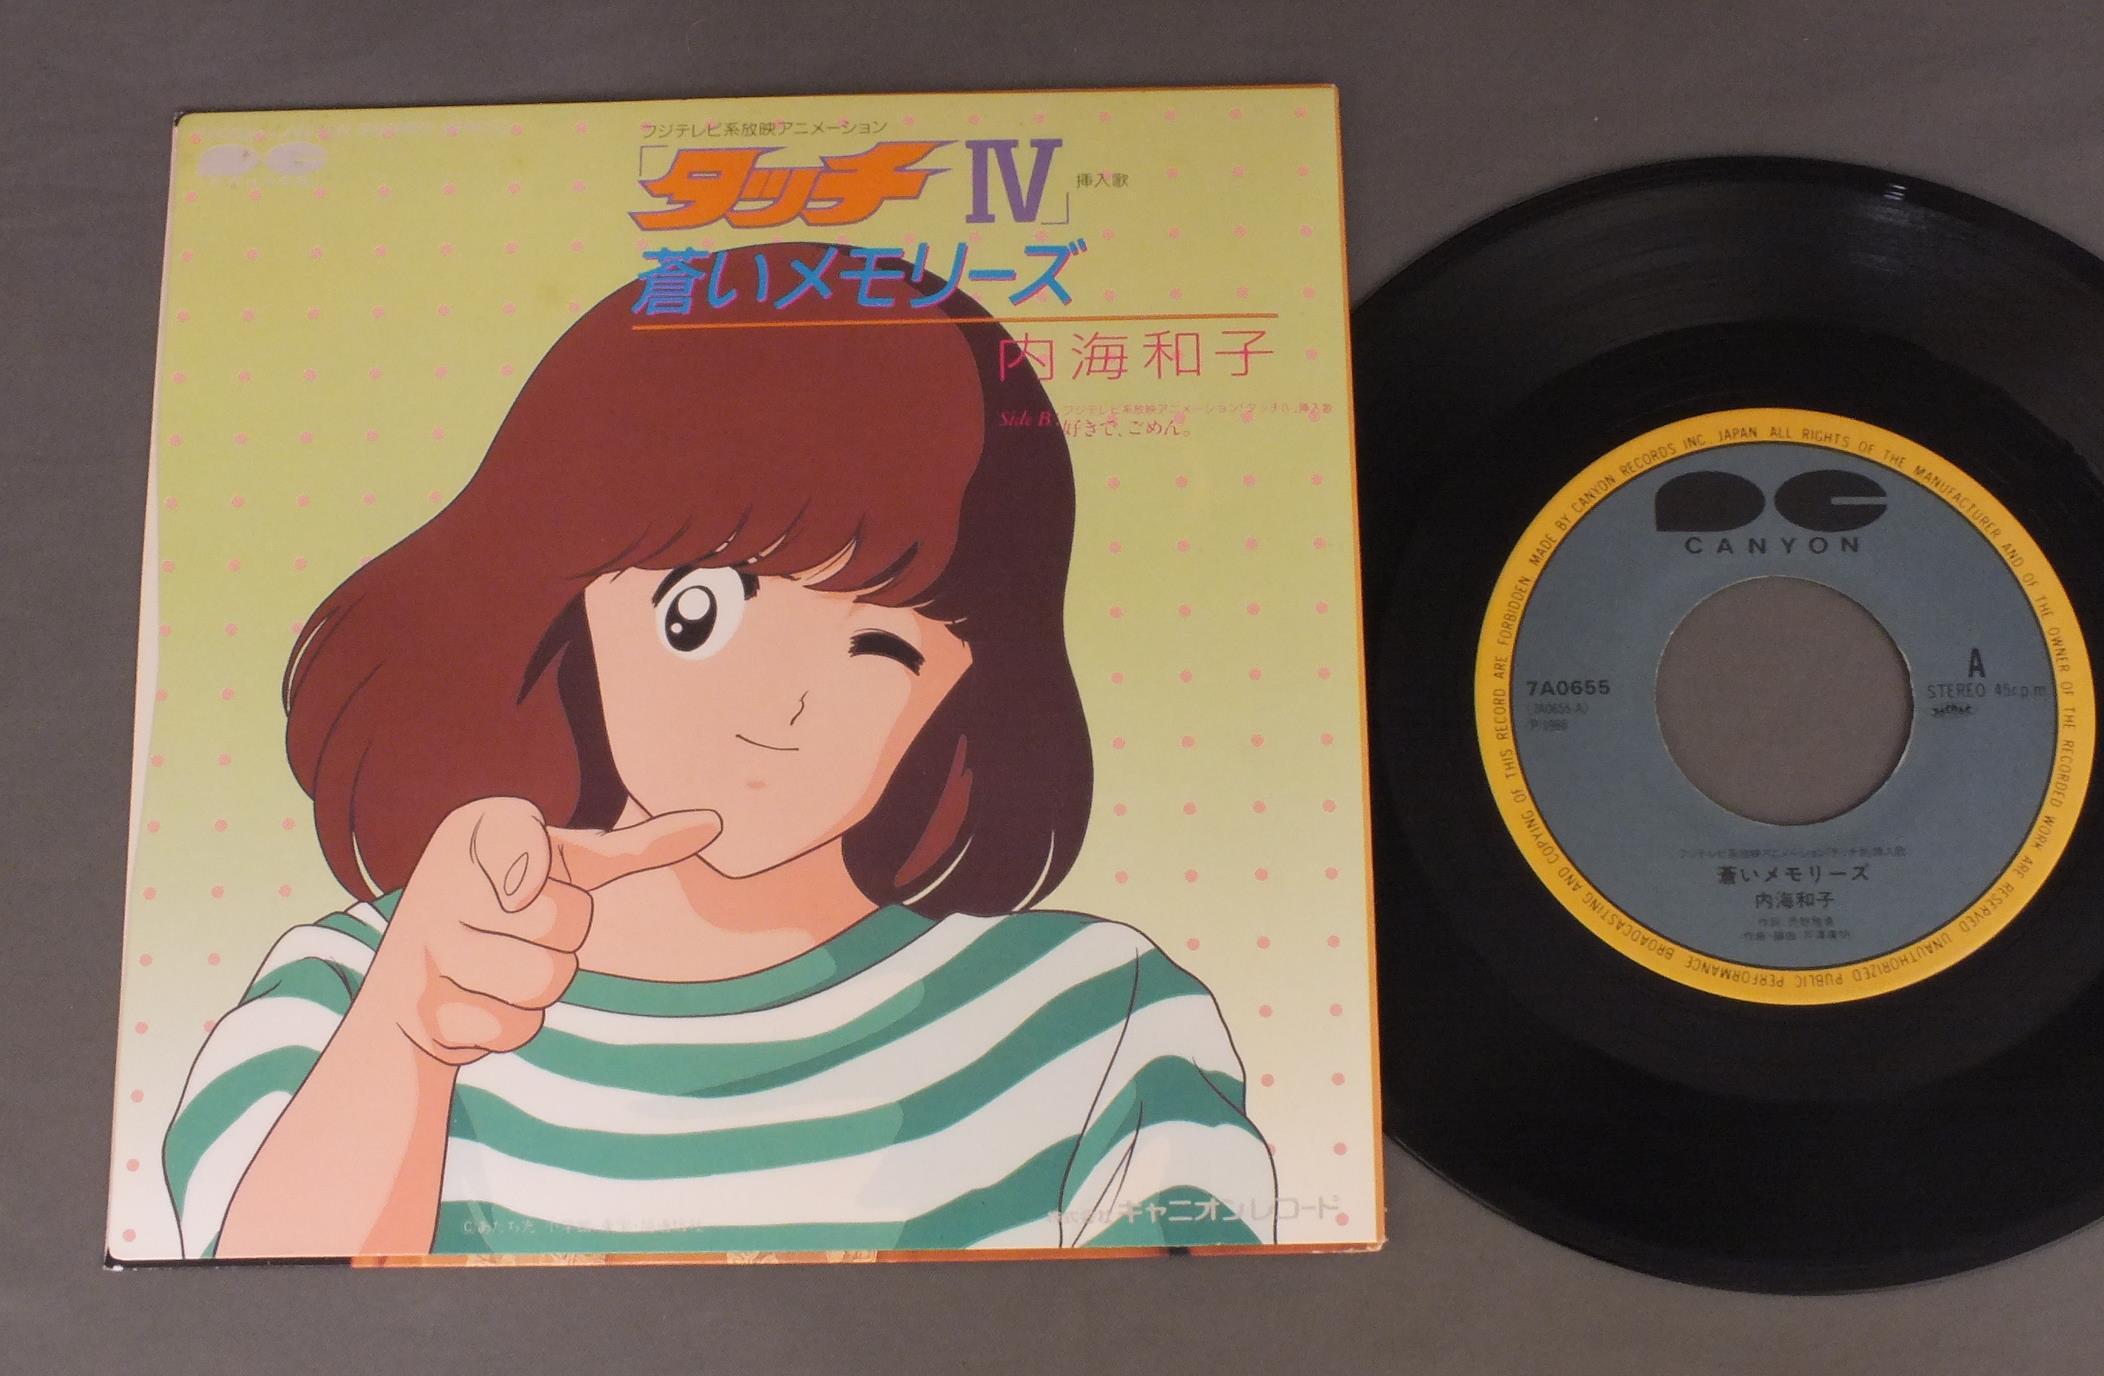 KAZUKO UTSUMI - ANIME TATCH IV - 7inch x 1